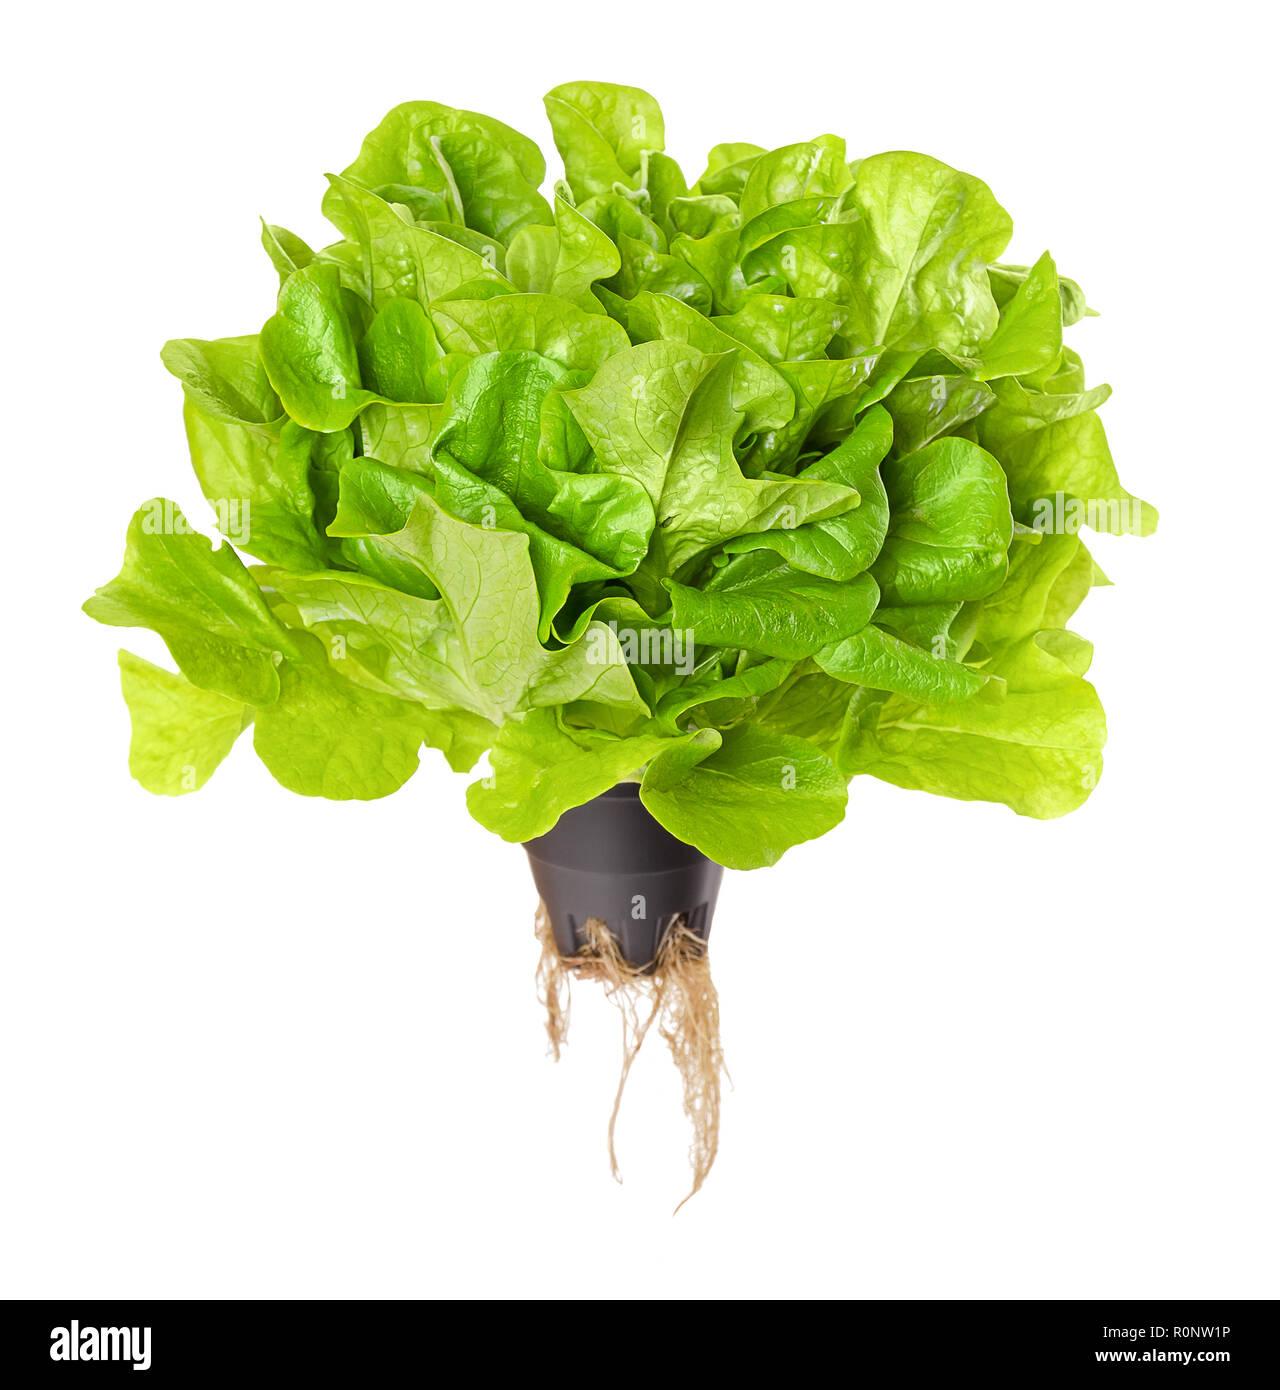 Salanova Salat Grün Leben über Weiß Eichenlaub Kopfsalat In